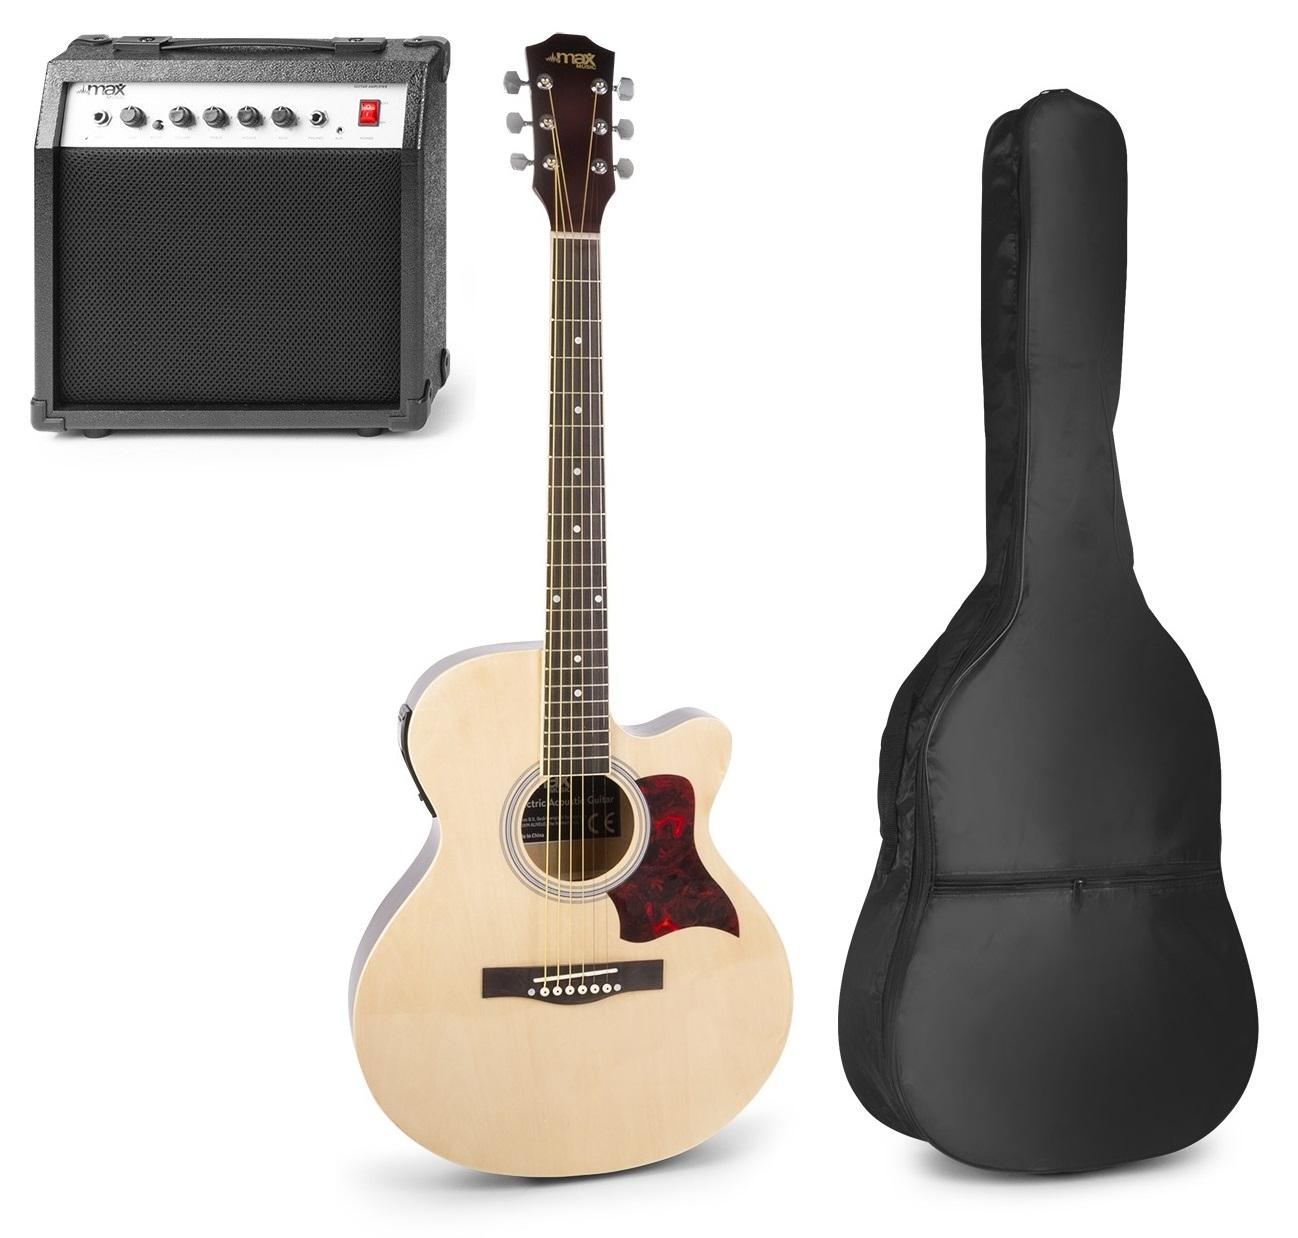 Pack Showkit Guitarra Acústica + Amplificador 40W + Acessórios (Madeira) - MAX